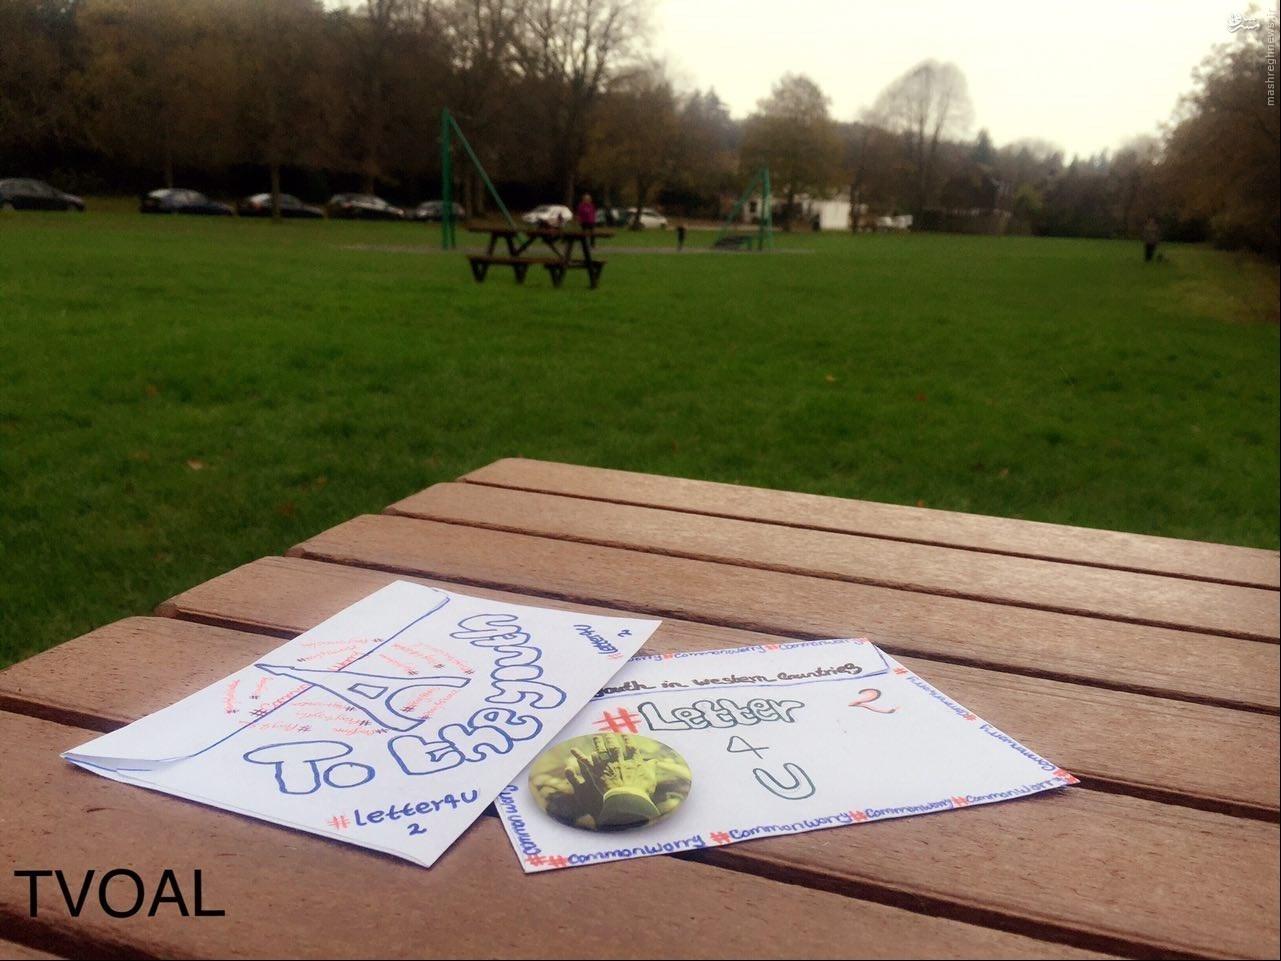 پخش خودجوش پاکتهای حاوی نامه رهبری در لندن +تصاویر